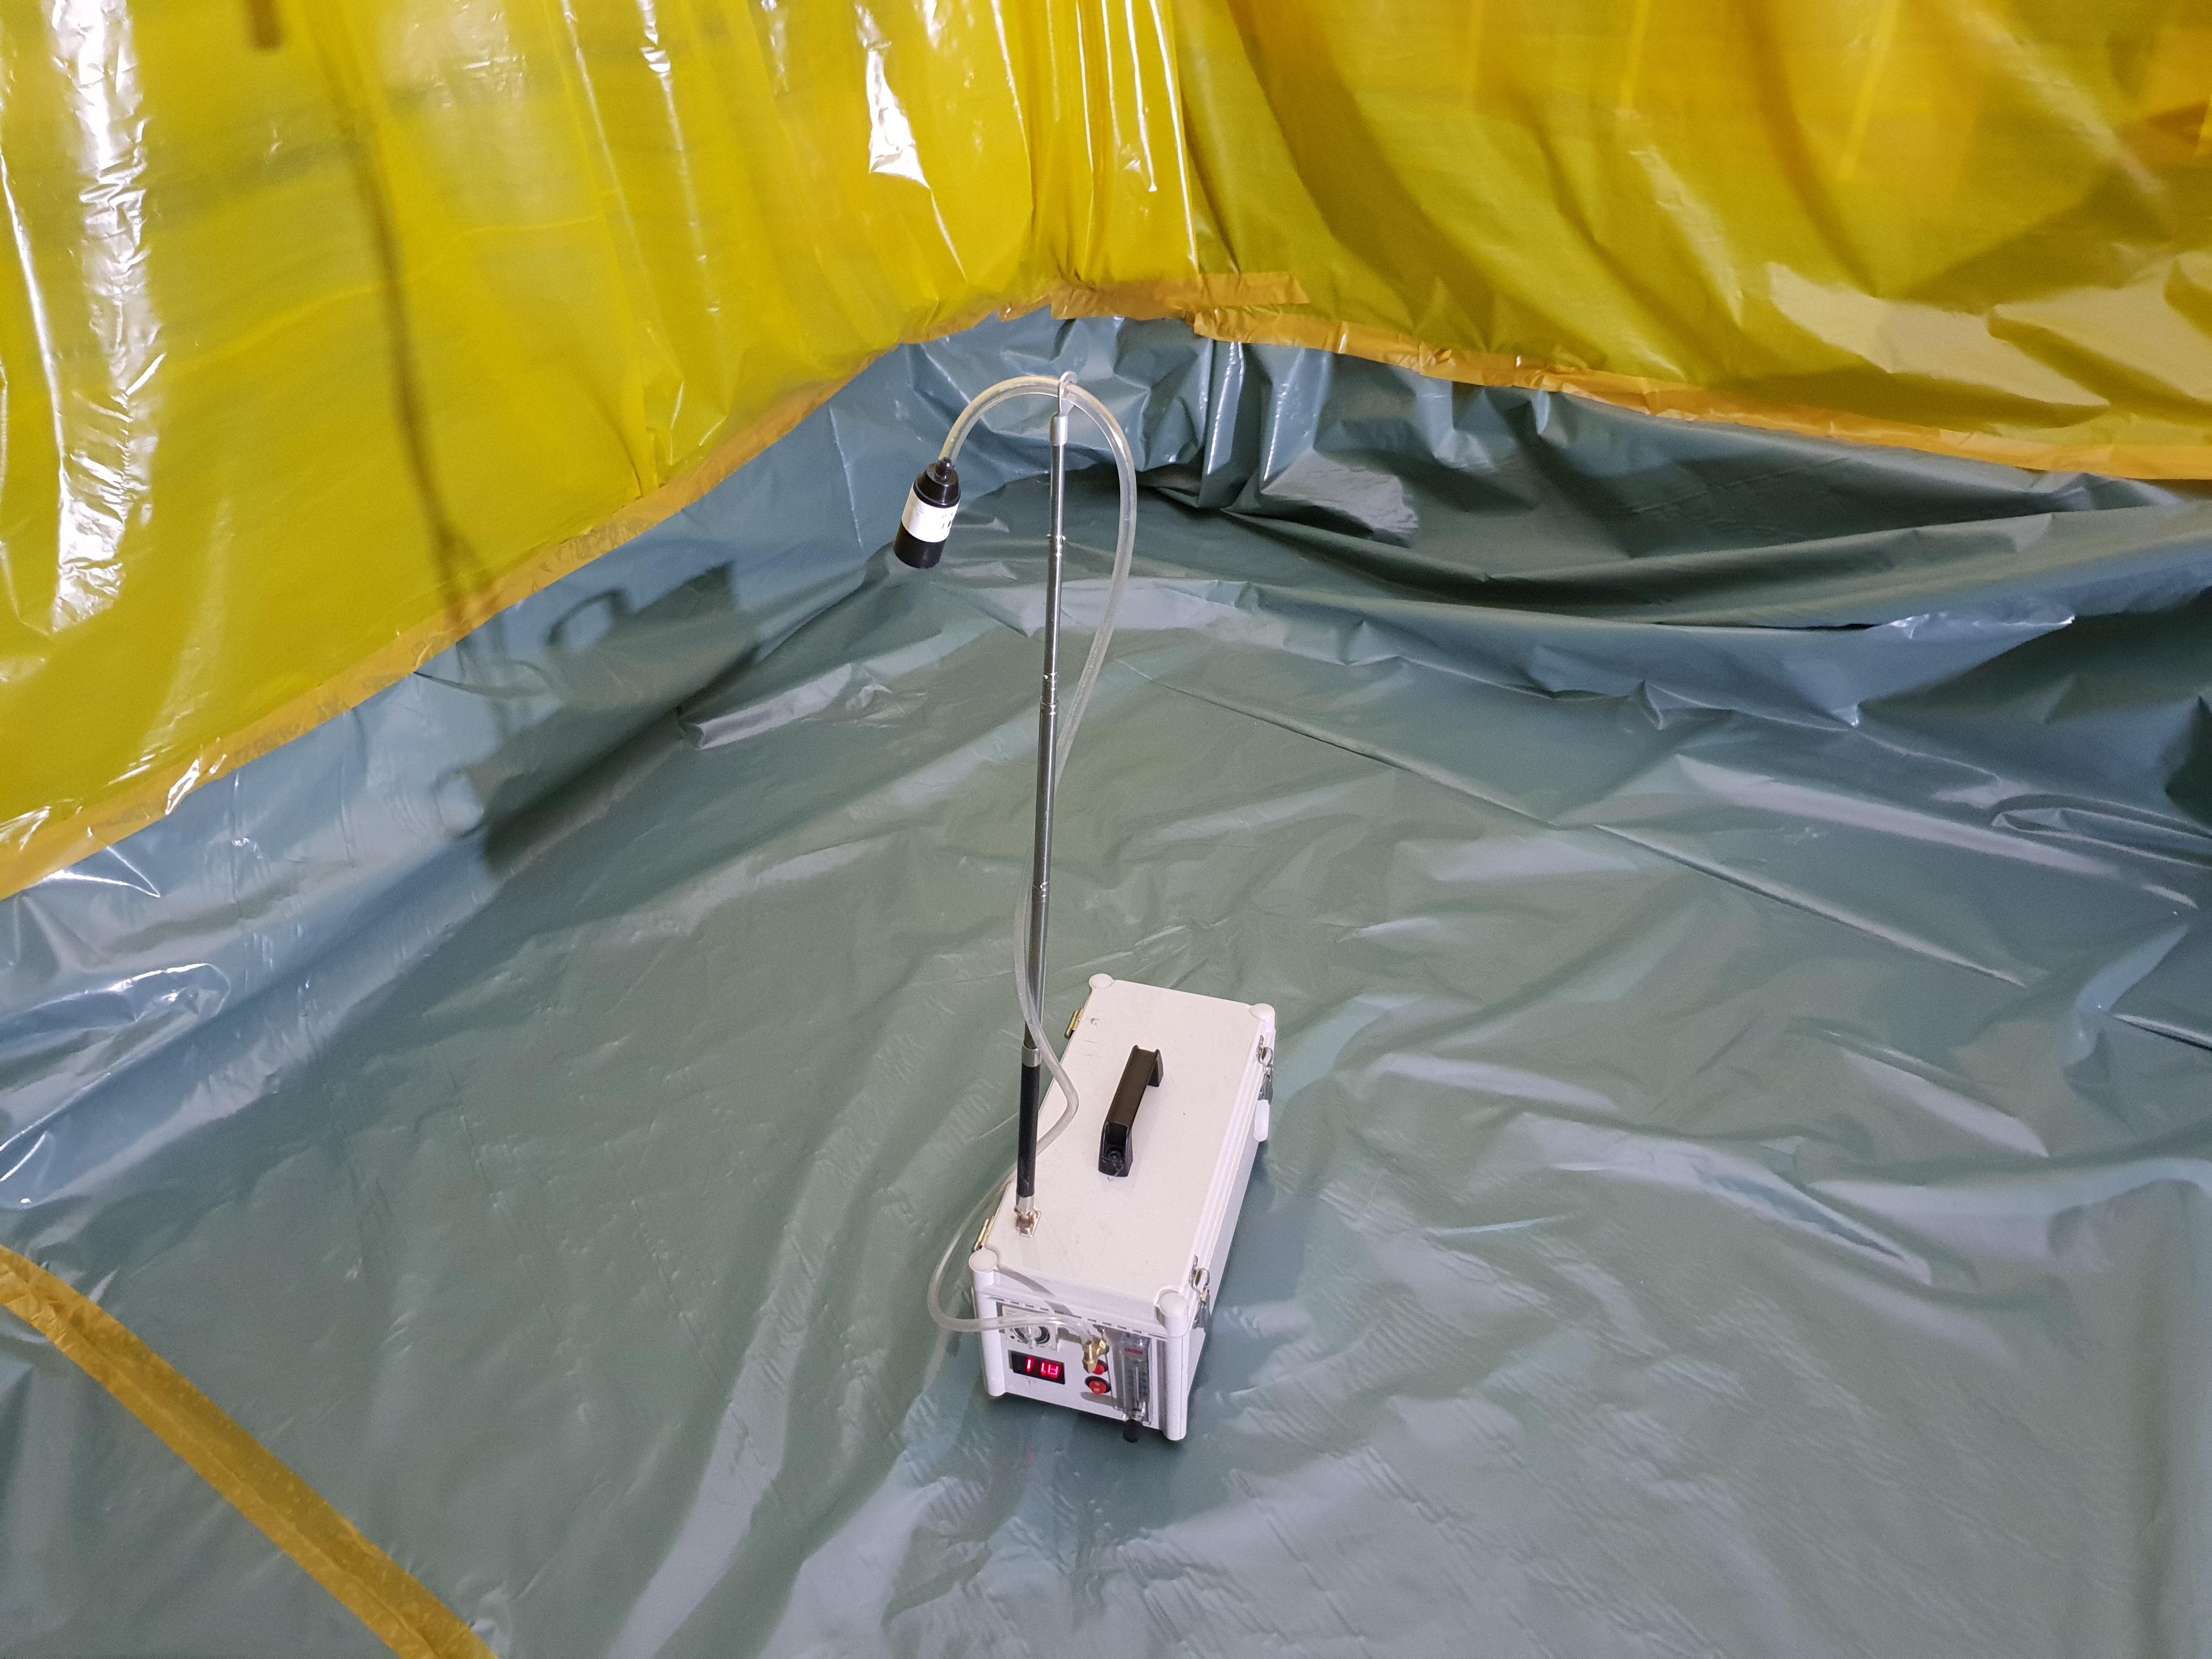 11 번째 사진 부산동부경찰서 에  연면적 ㎡ 동구 중앙대로 387 농도측정, 비산농도측정